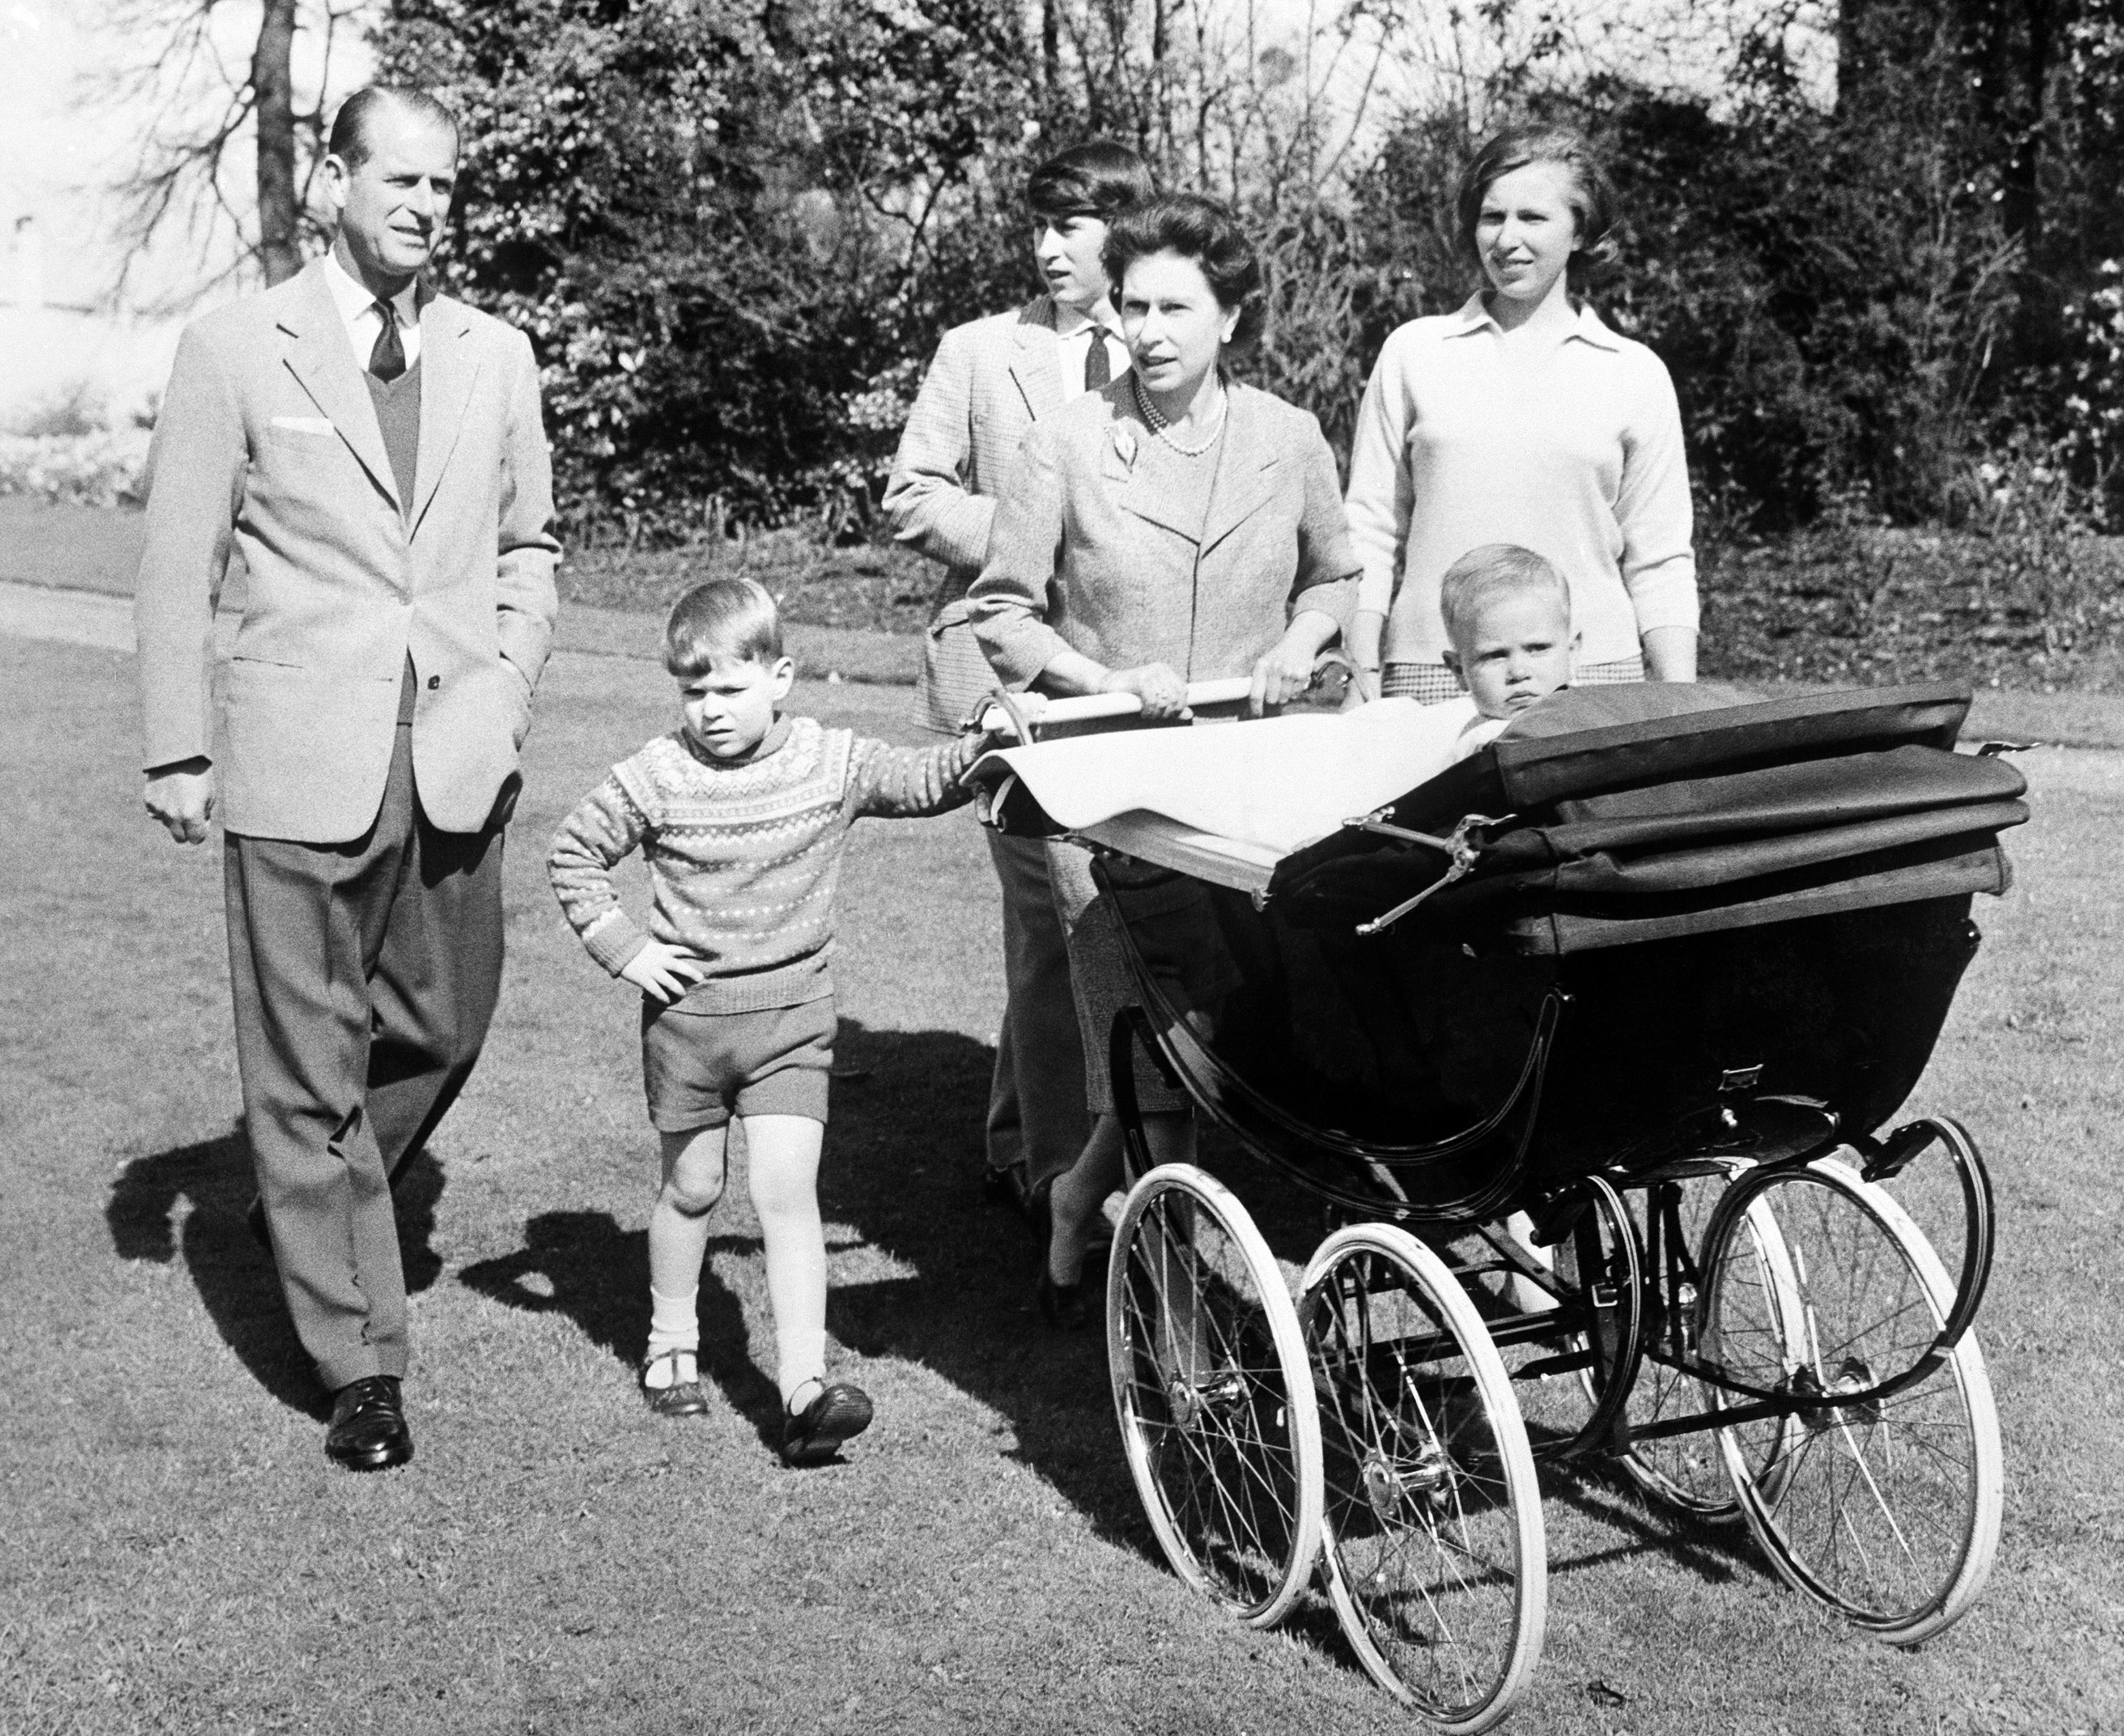 WINDSOR, ROYAUME-UNI - 14 AVRIL: La princesse Anne, la reine Elizabeth, les princes Andrew, Philip et Charles et le prince Edward dans son landau se promenant dans le parc du château de Windsor, Royaume-Uni le 14 avril 1965.  (Photo by Keystone-France\Gamma-Rapho via Getty Images)